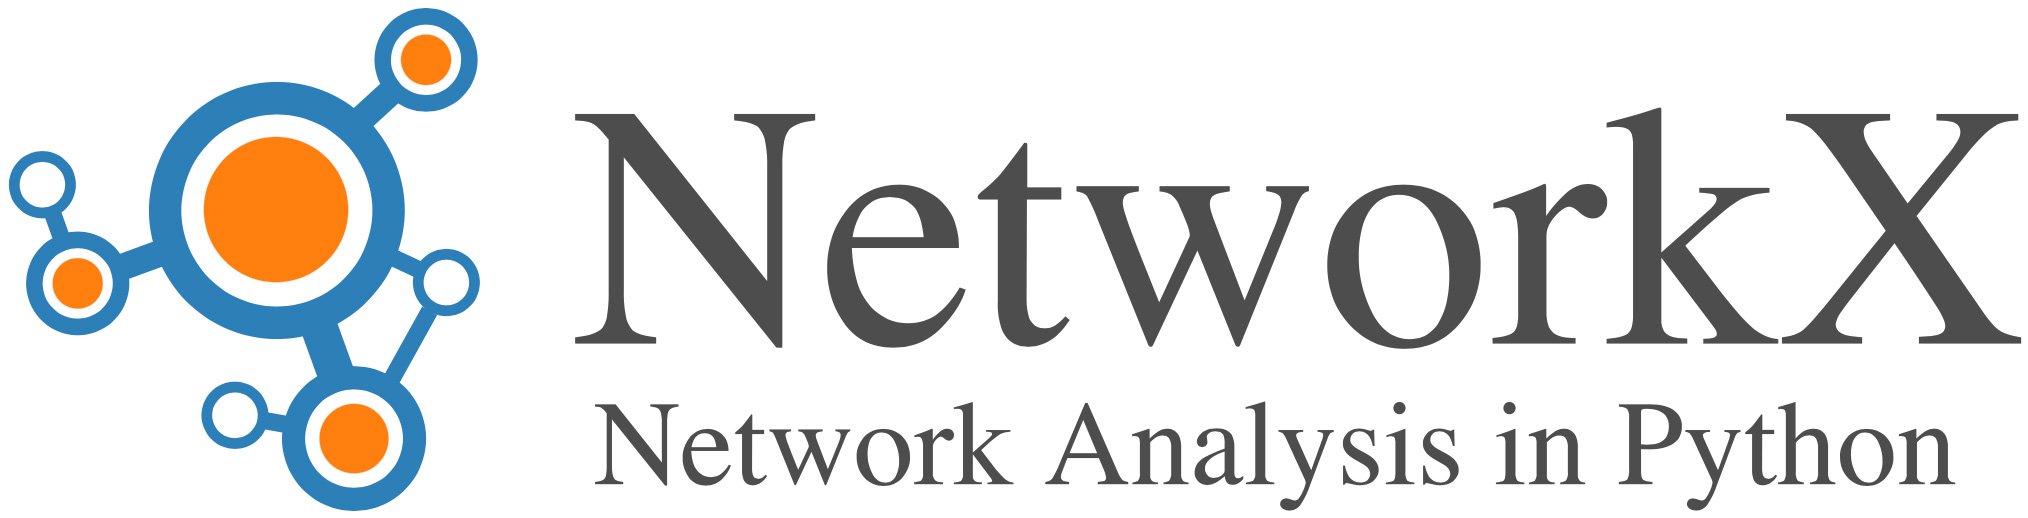 NetworkX banner